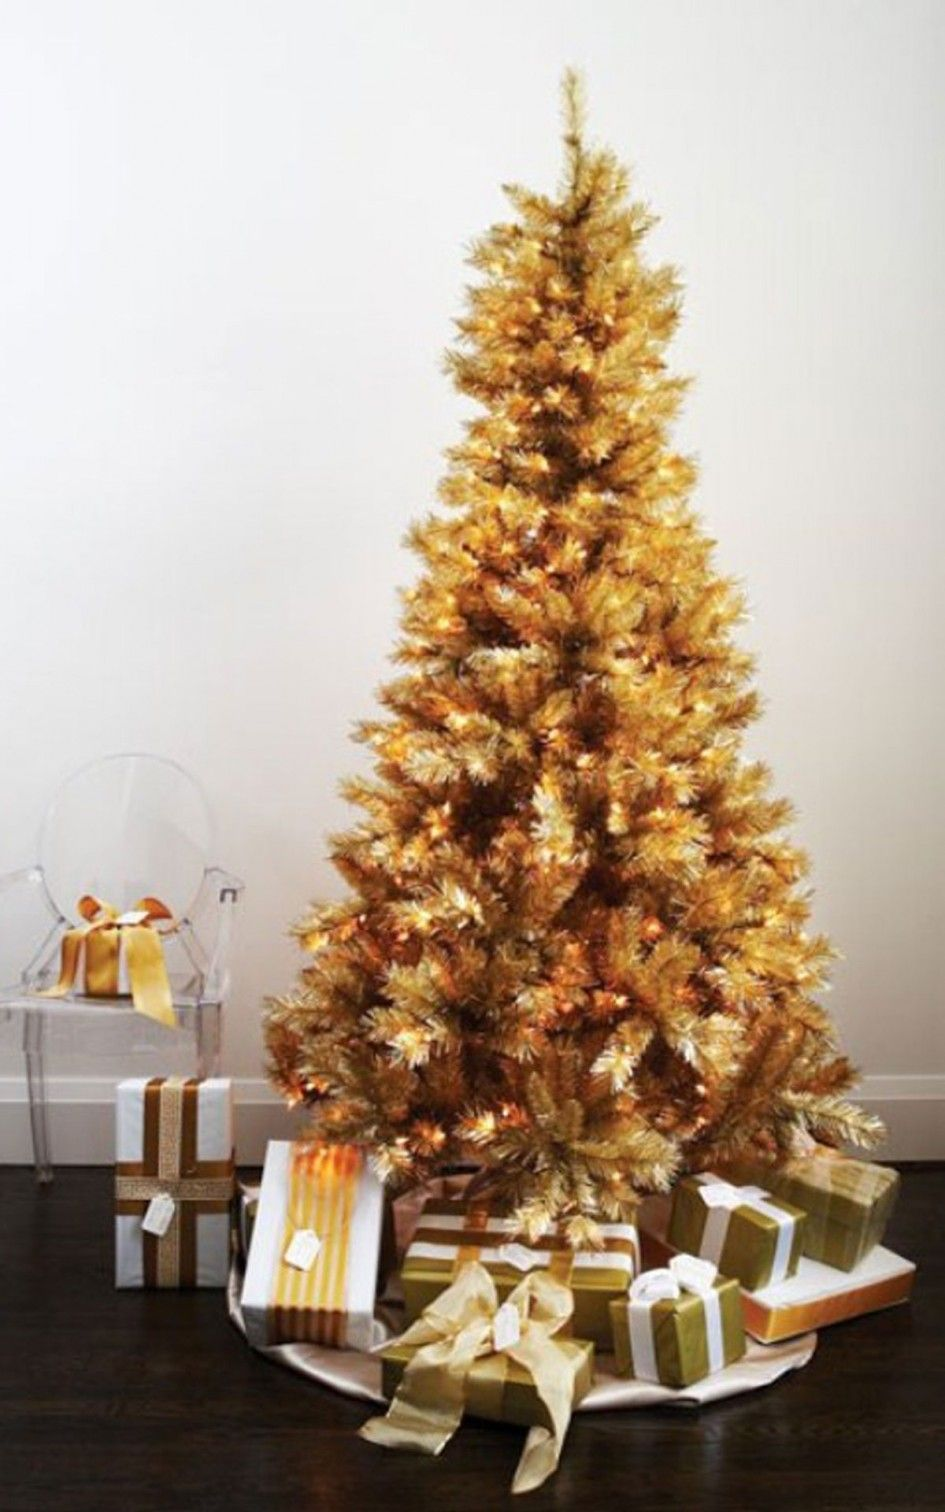 Idéias de decoração, surpreendendo Brown decoração da árvore com caixa de presente ao redor: 17 foto maravilhosa Idéias decoração para o Dia de Natal